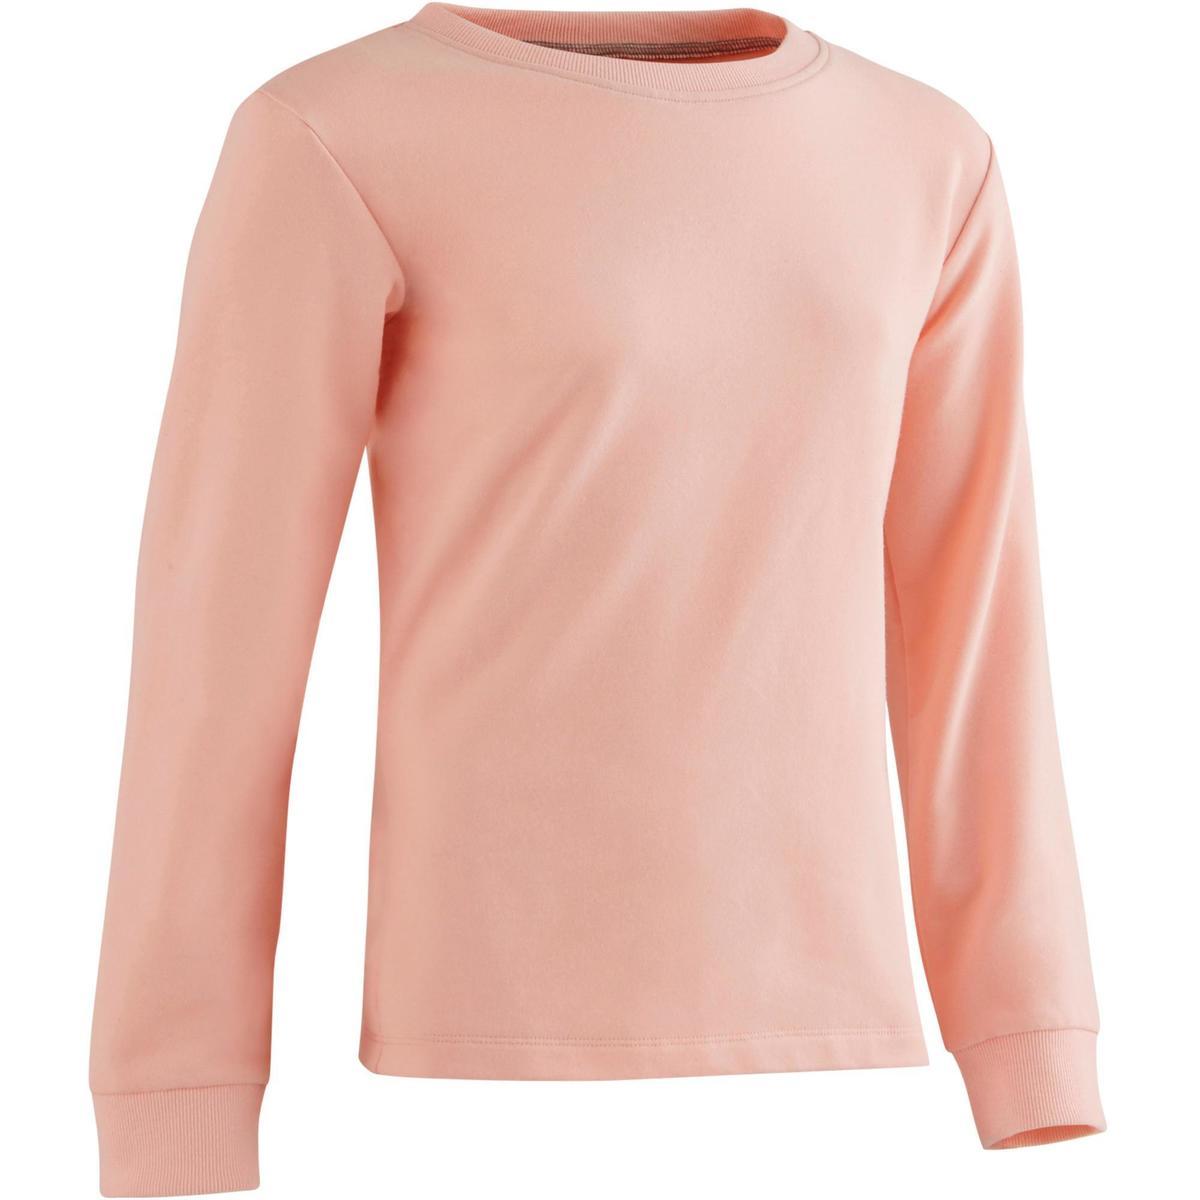 Bild 1 von Sweatshirt 100 Gym Mädchen rosa